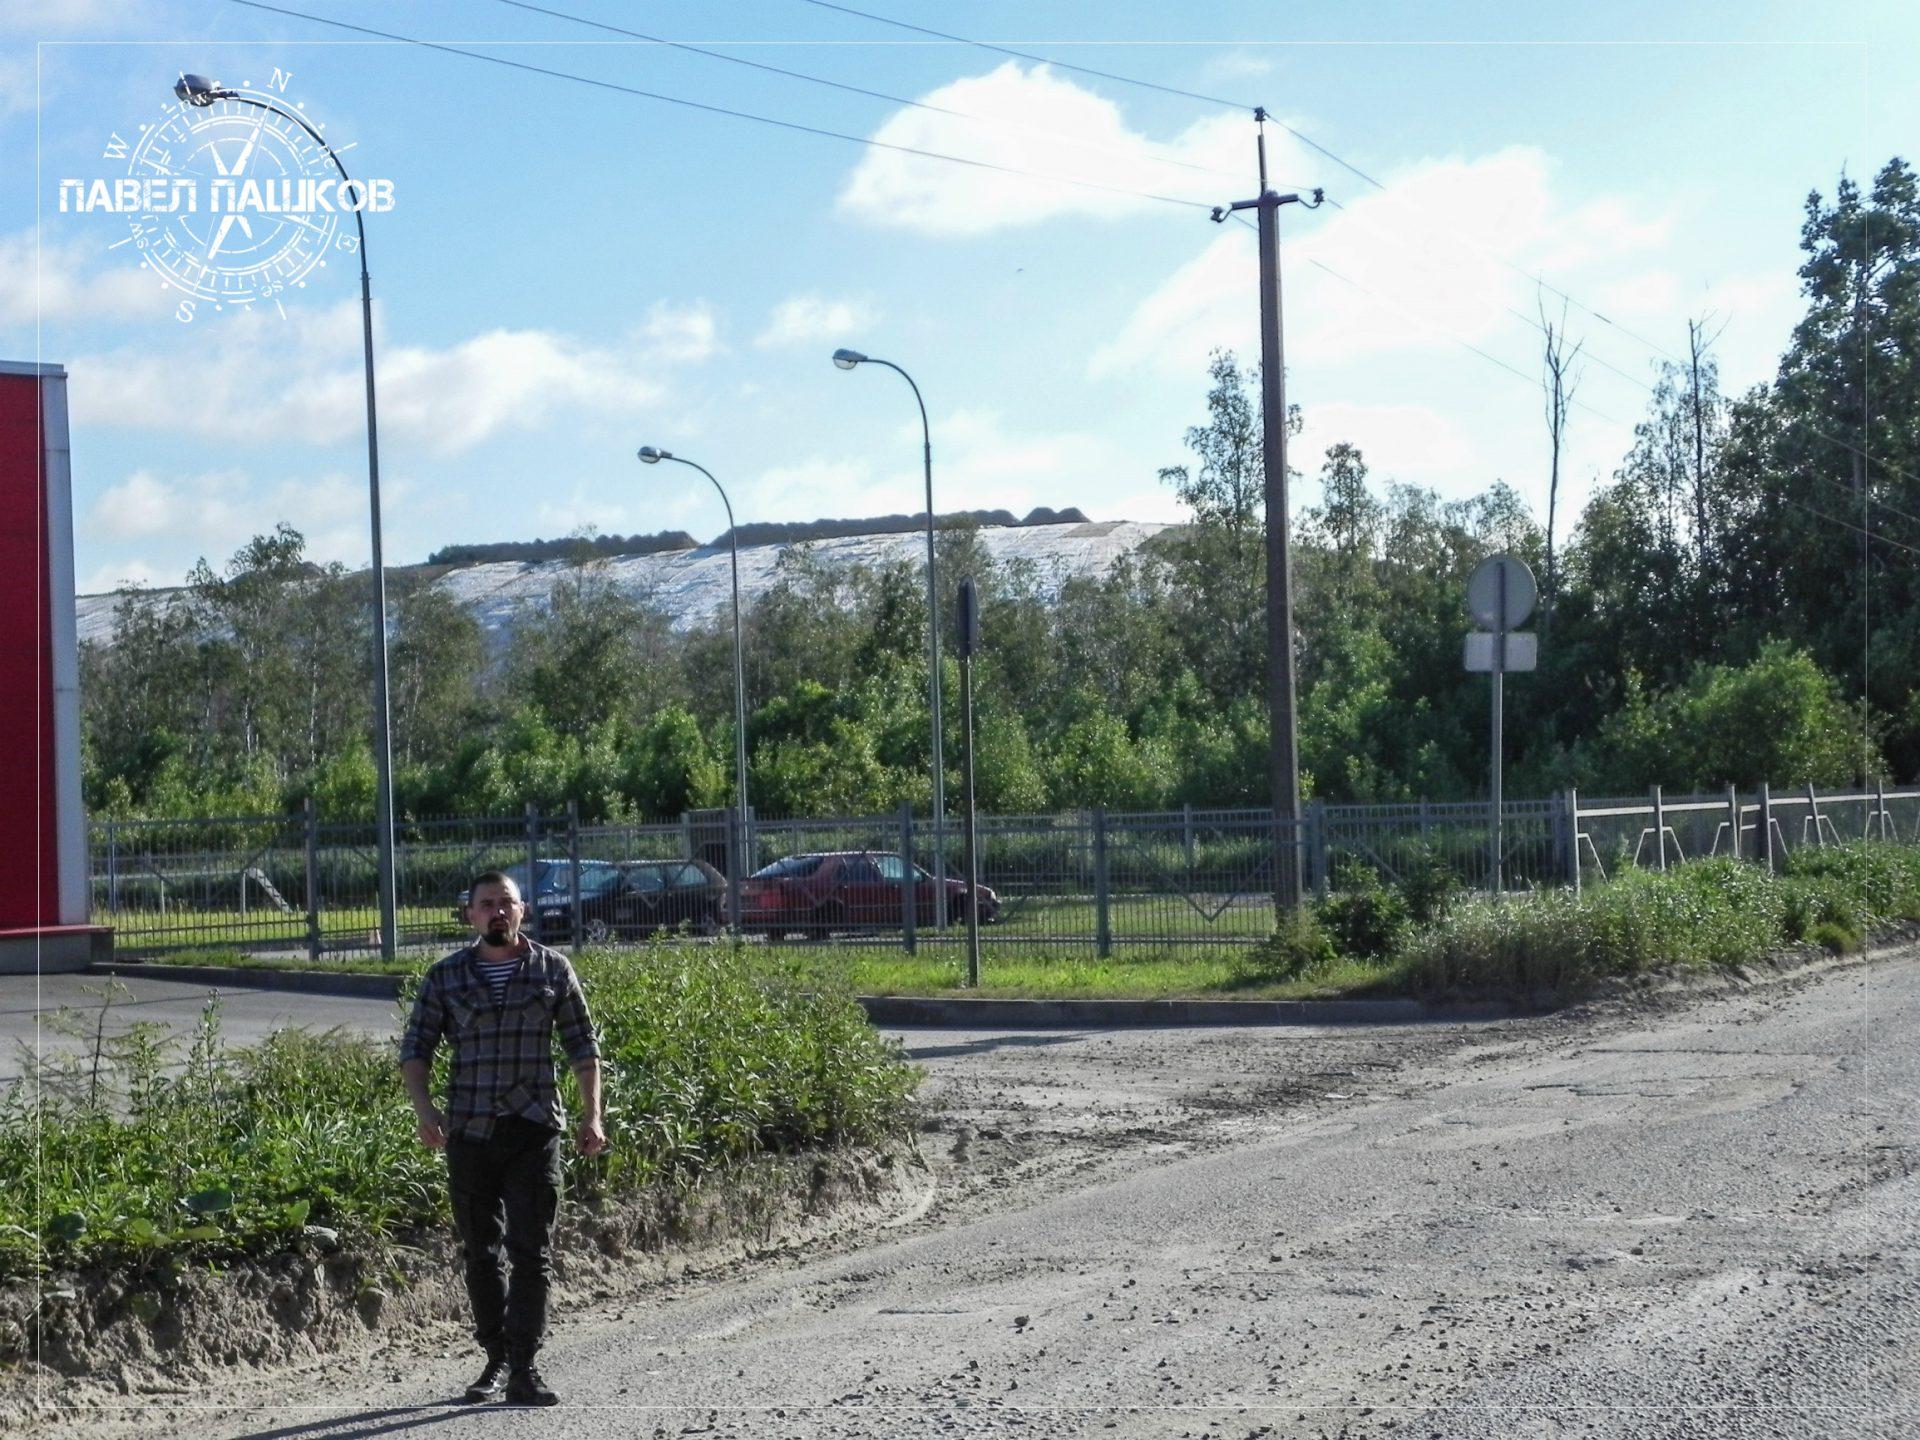 Посетил мусорные полигоны в Ленинградской области. Заметка о мусорной реформе!